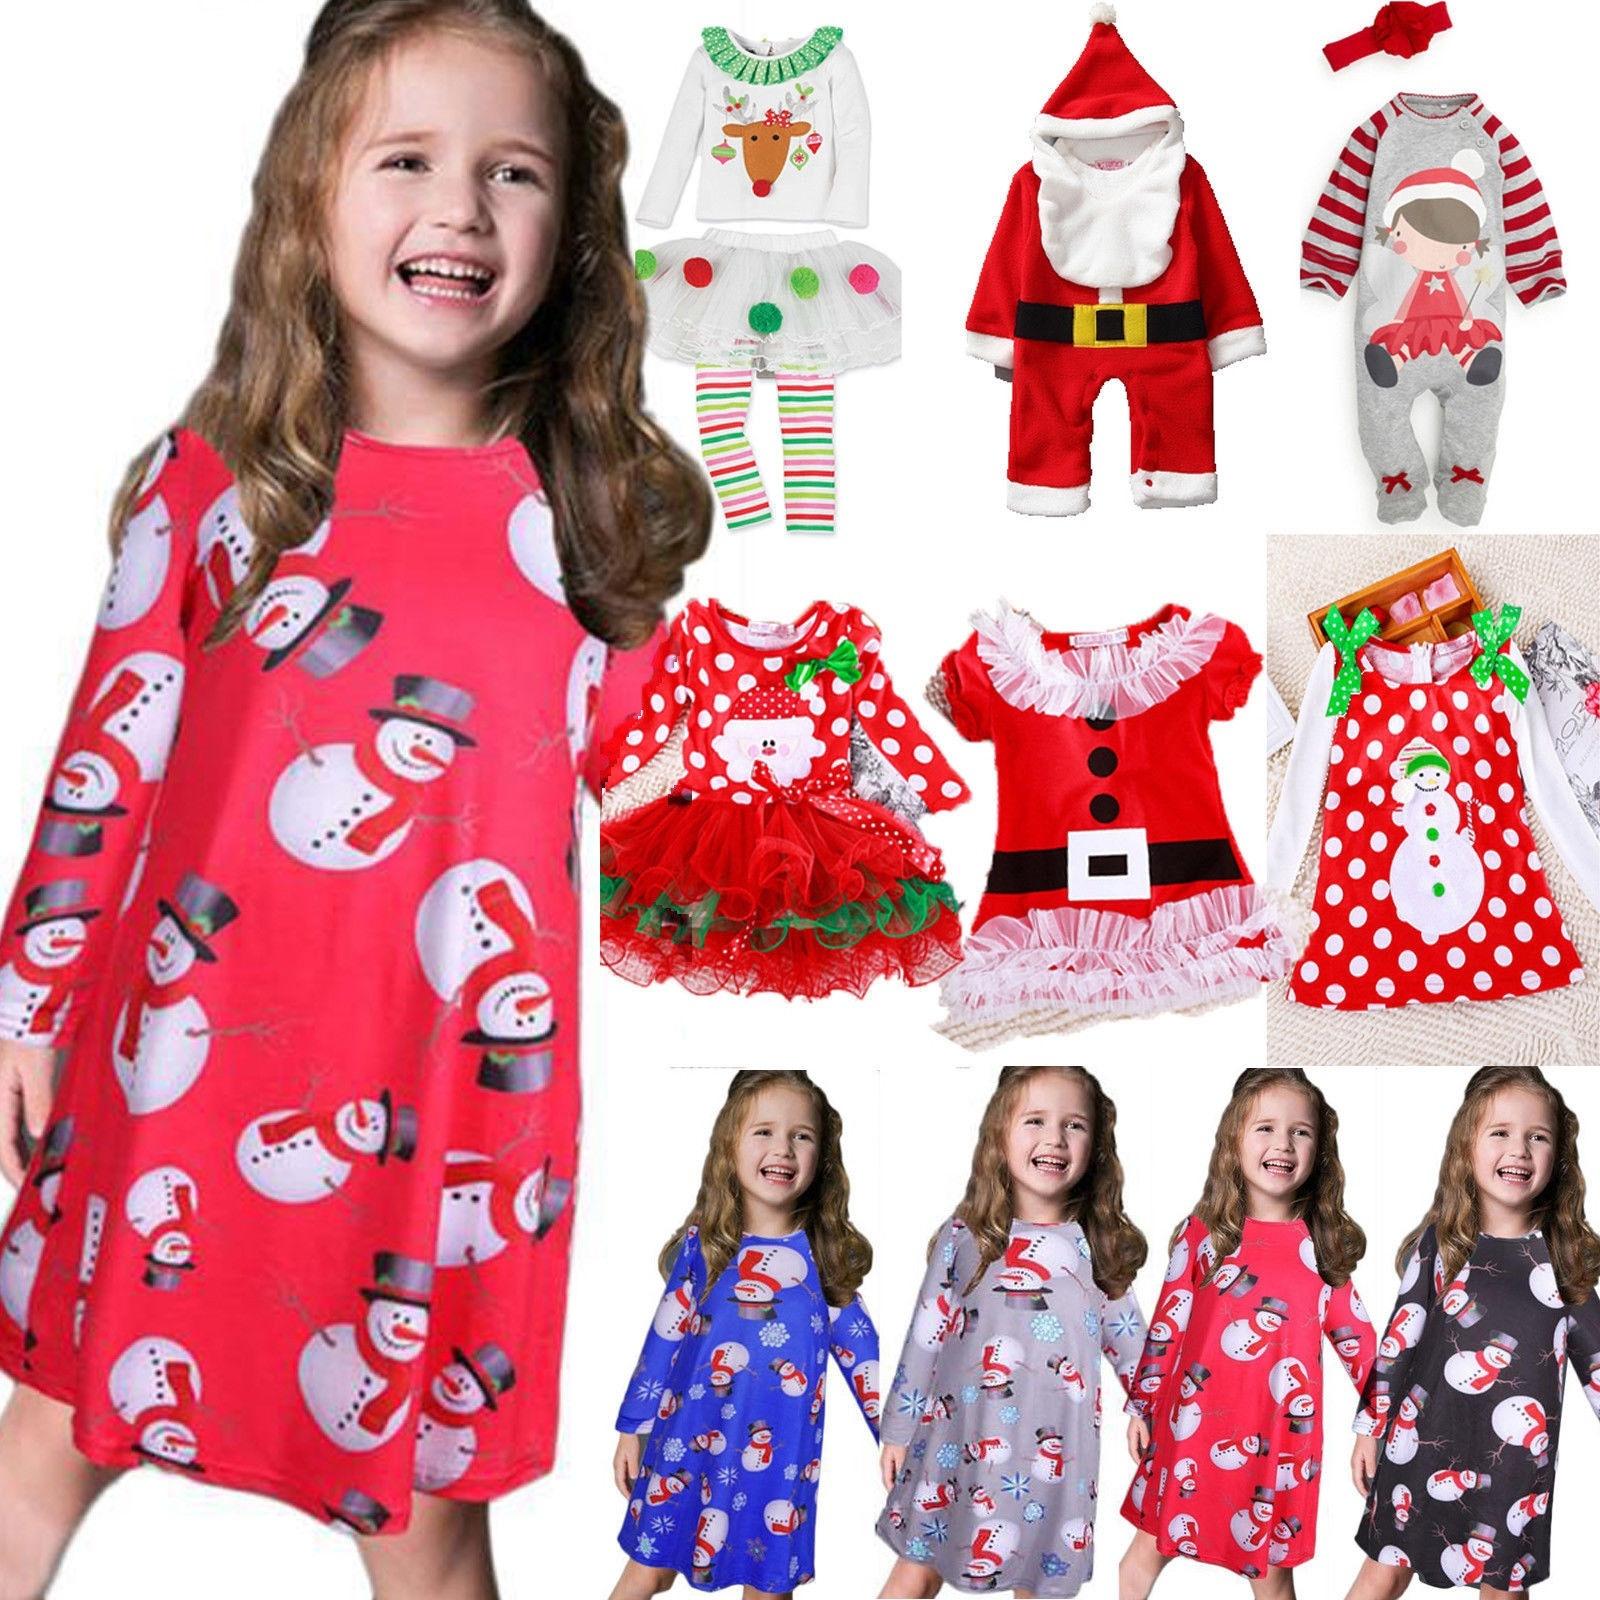 17 Schön Weihnachtskleid Damen Vertrieb20 Fantastisch Weihnachtskleid Damen Ärmel